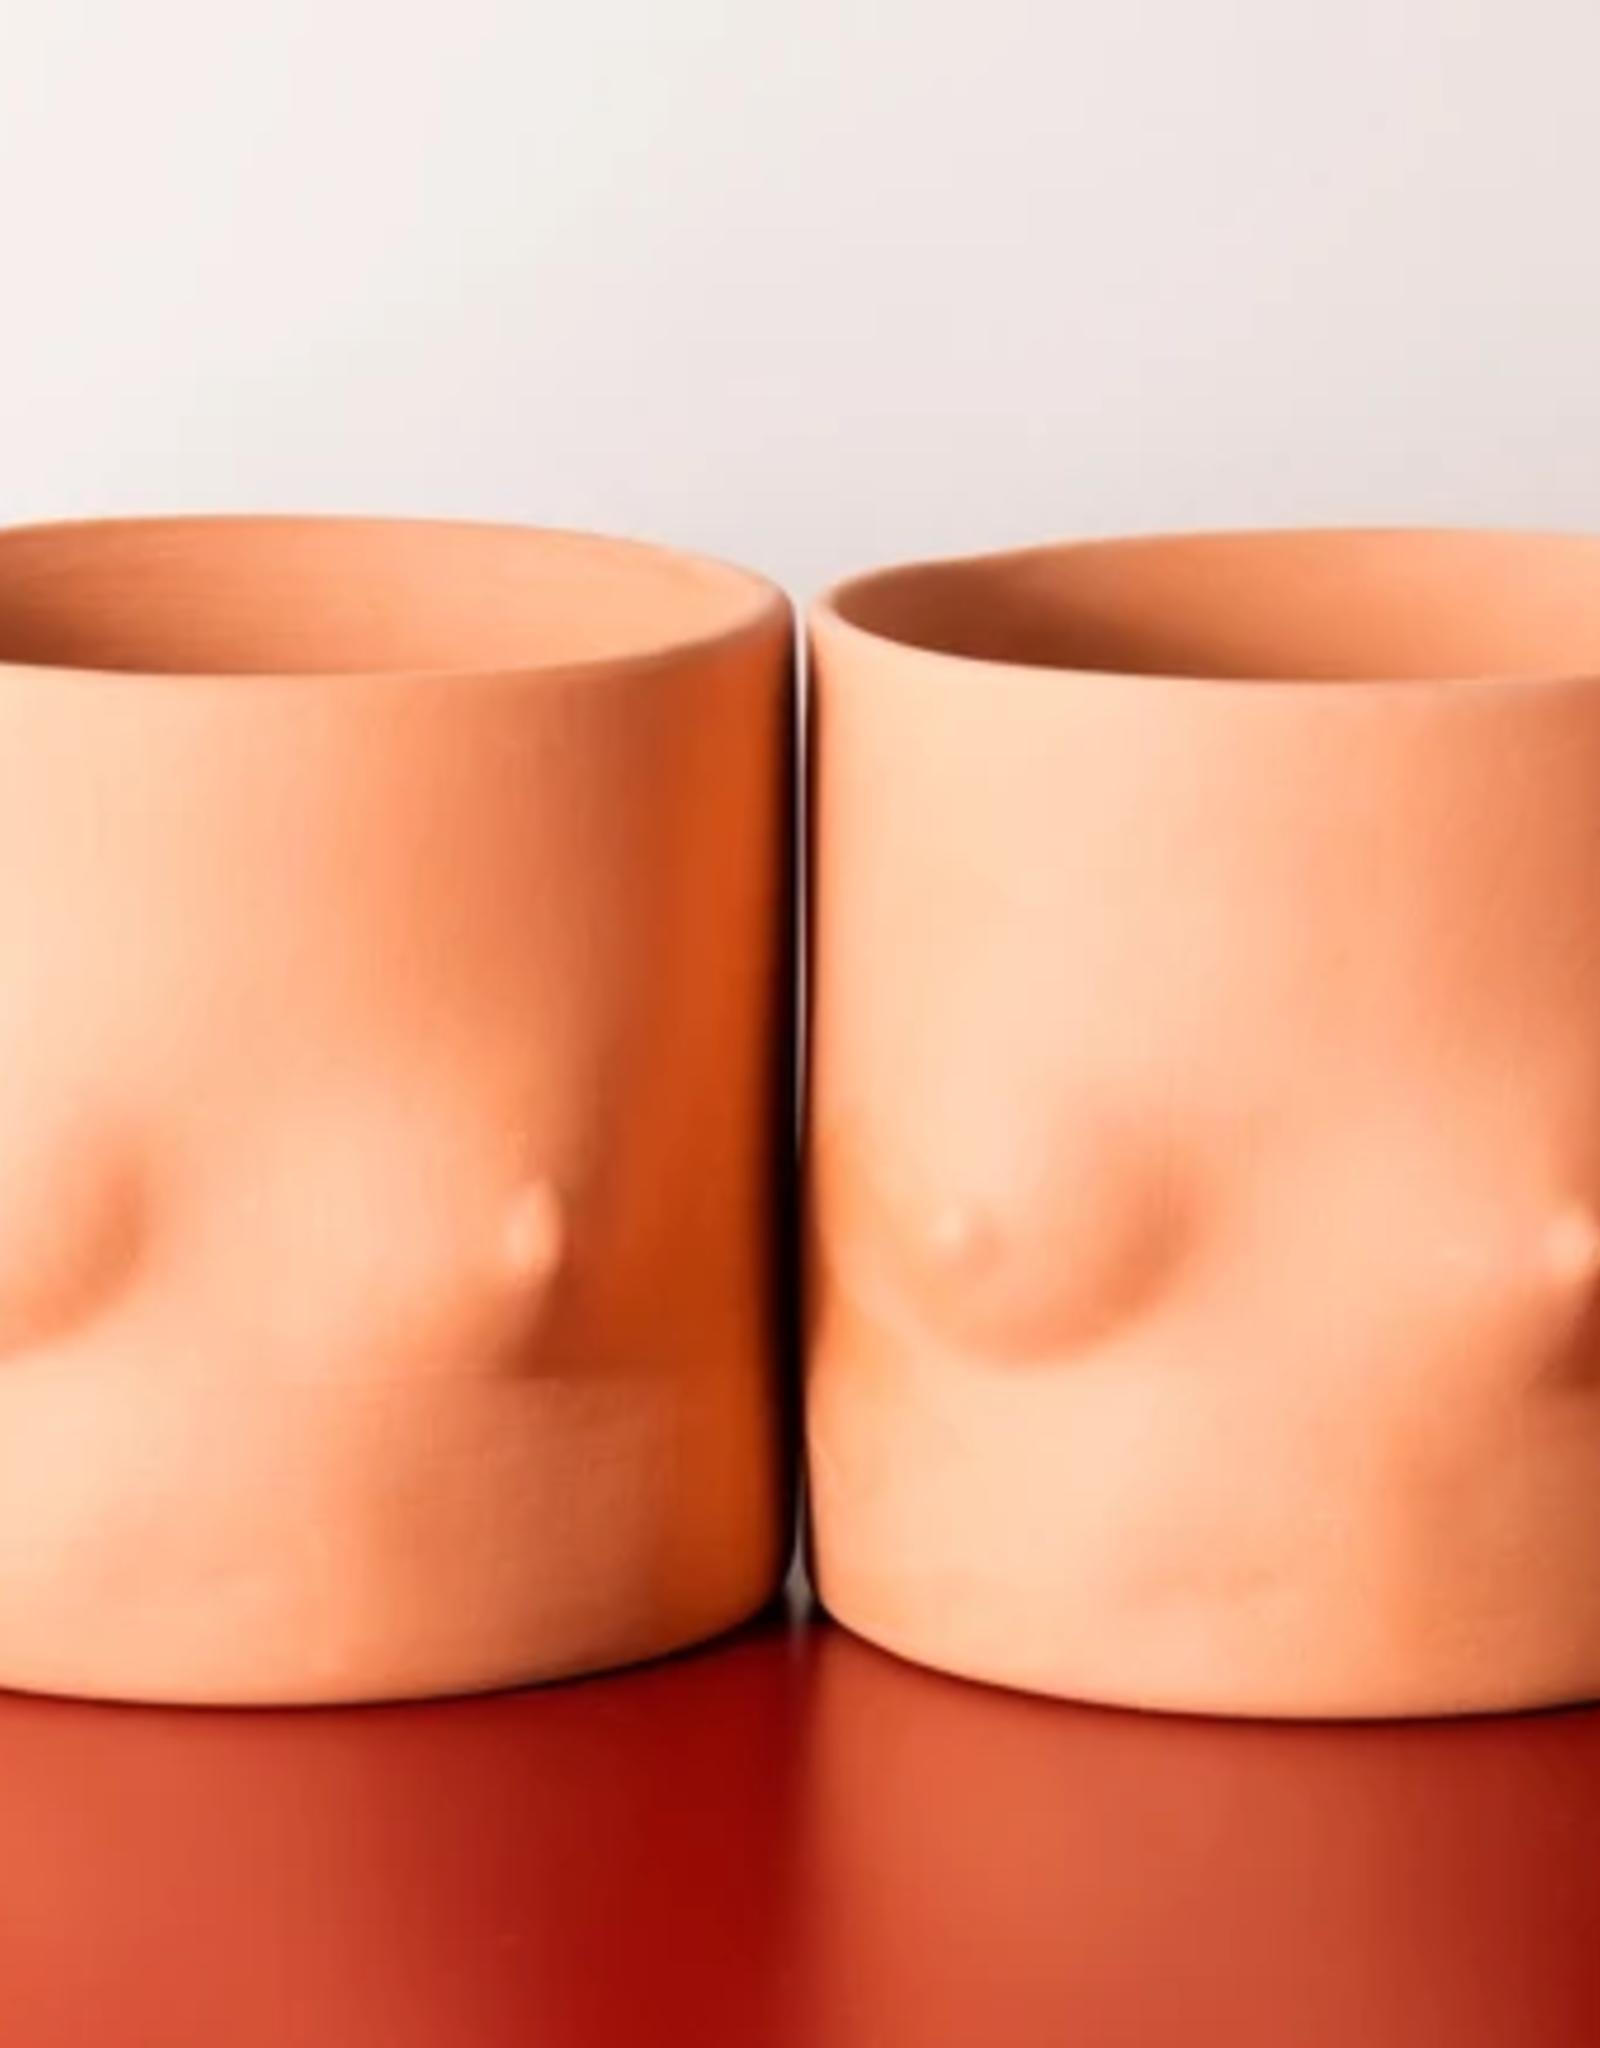 Group Partner Nudie Pot Terracotta girl